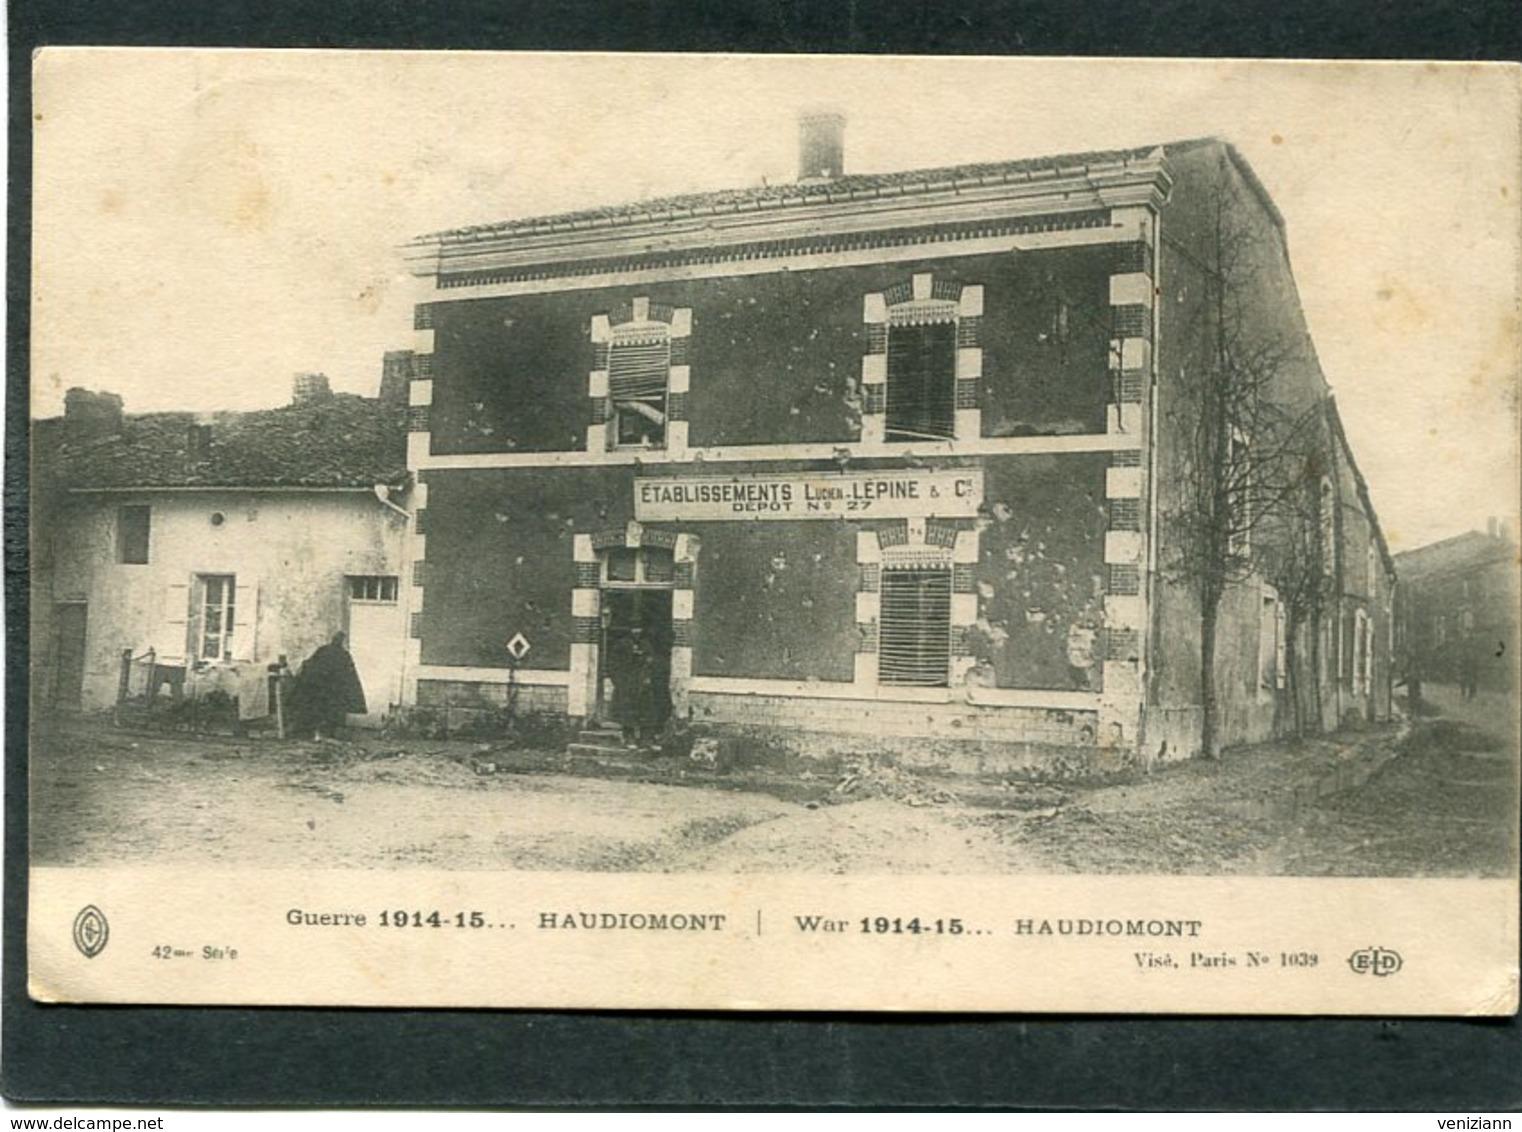 CPA - Guerre 1914-15... HAUDIOMONT - Ets Lépine, Dépôt N°27 - Guerre 1914-18